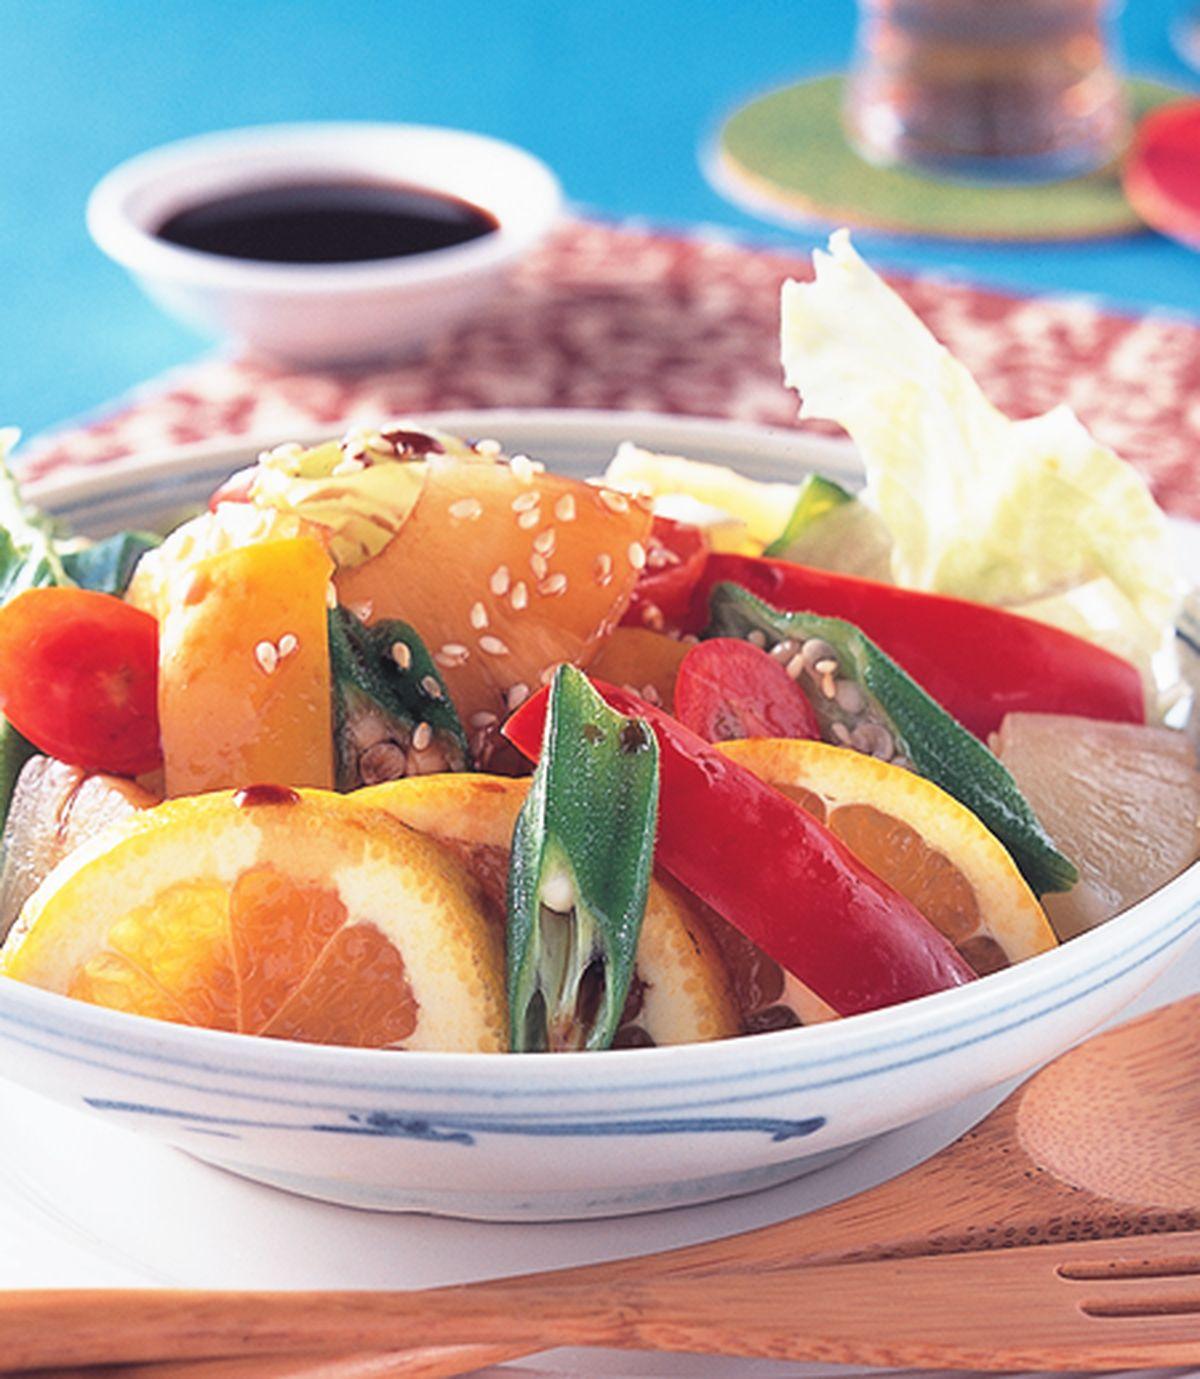 食譜:醋拌蔬果沙拉